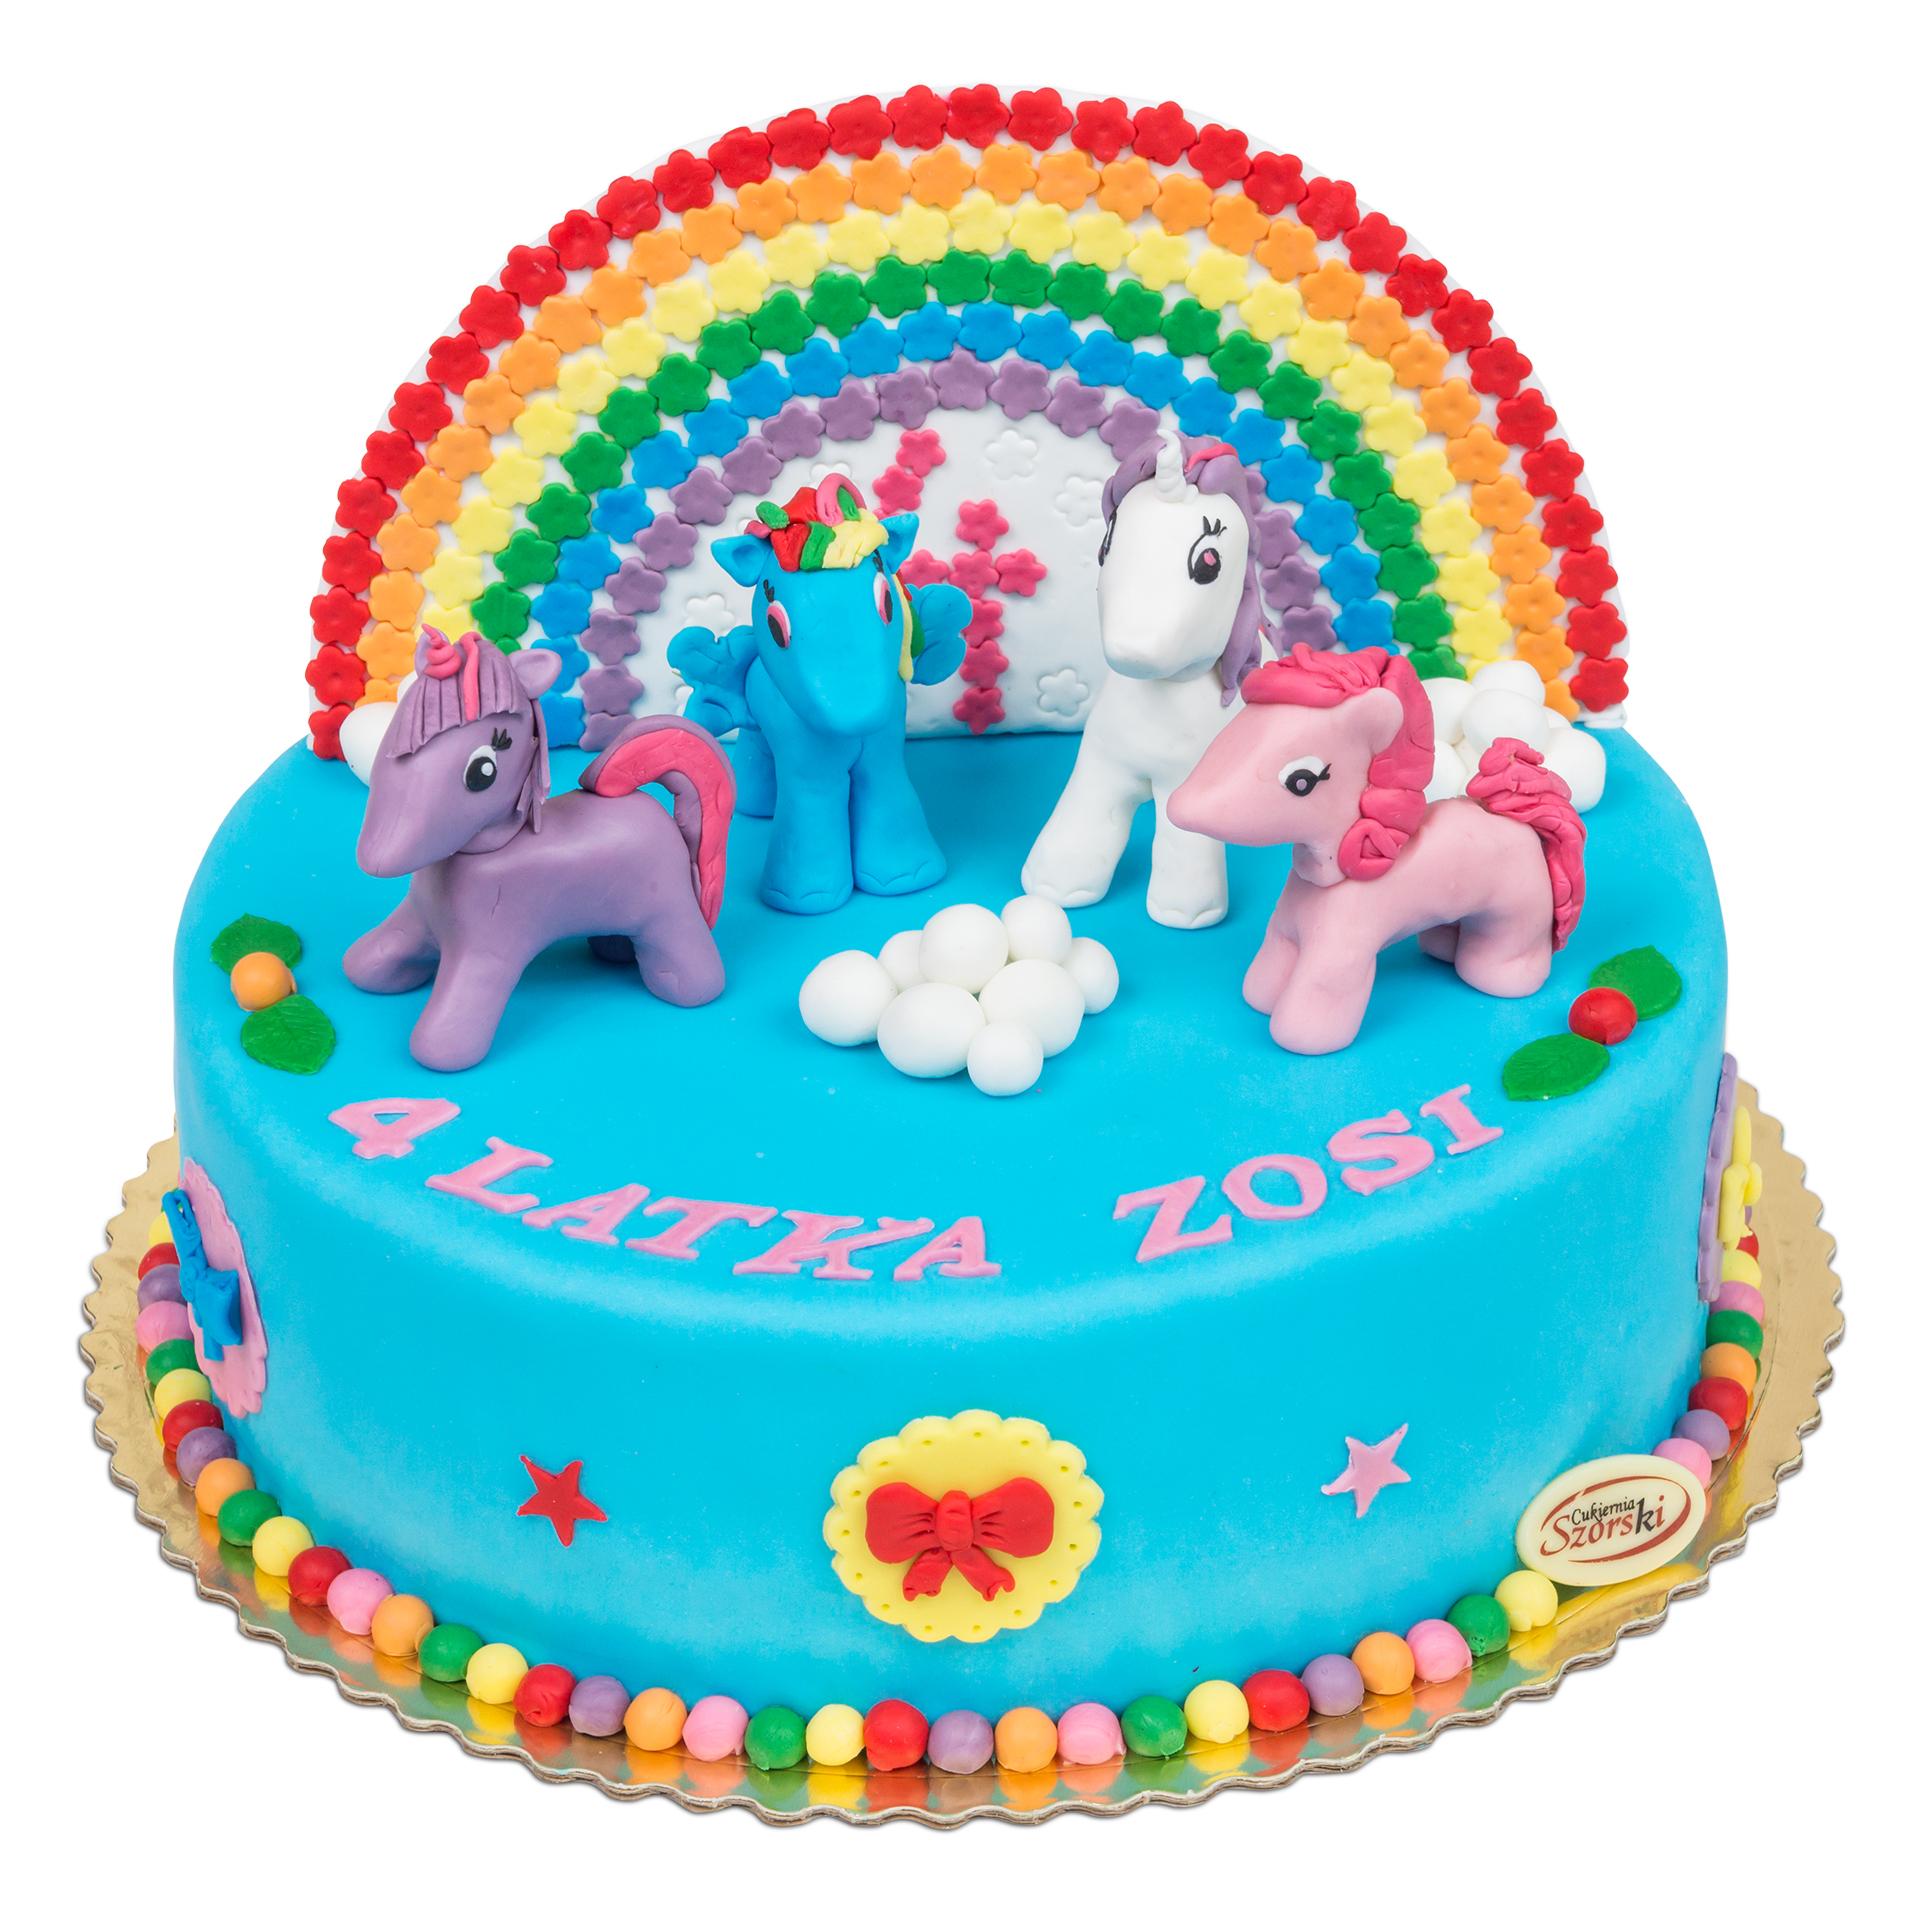 tort z kucykami